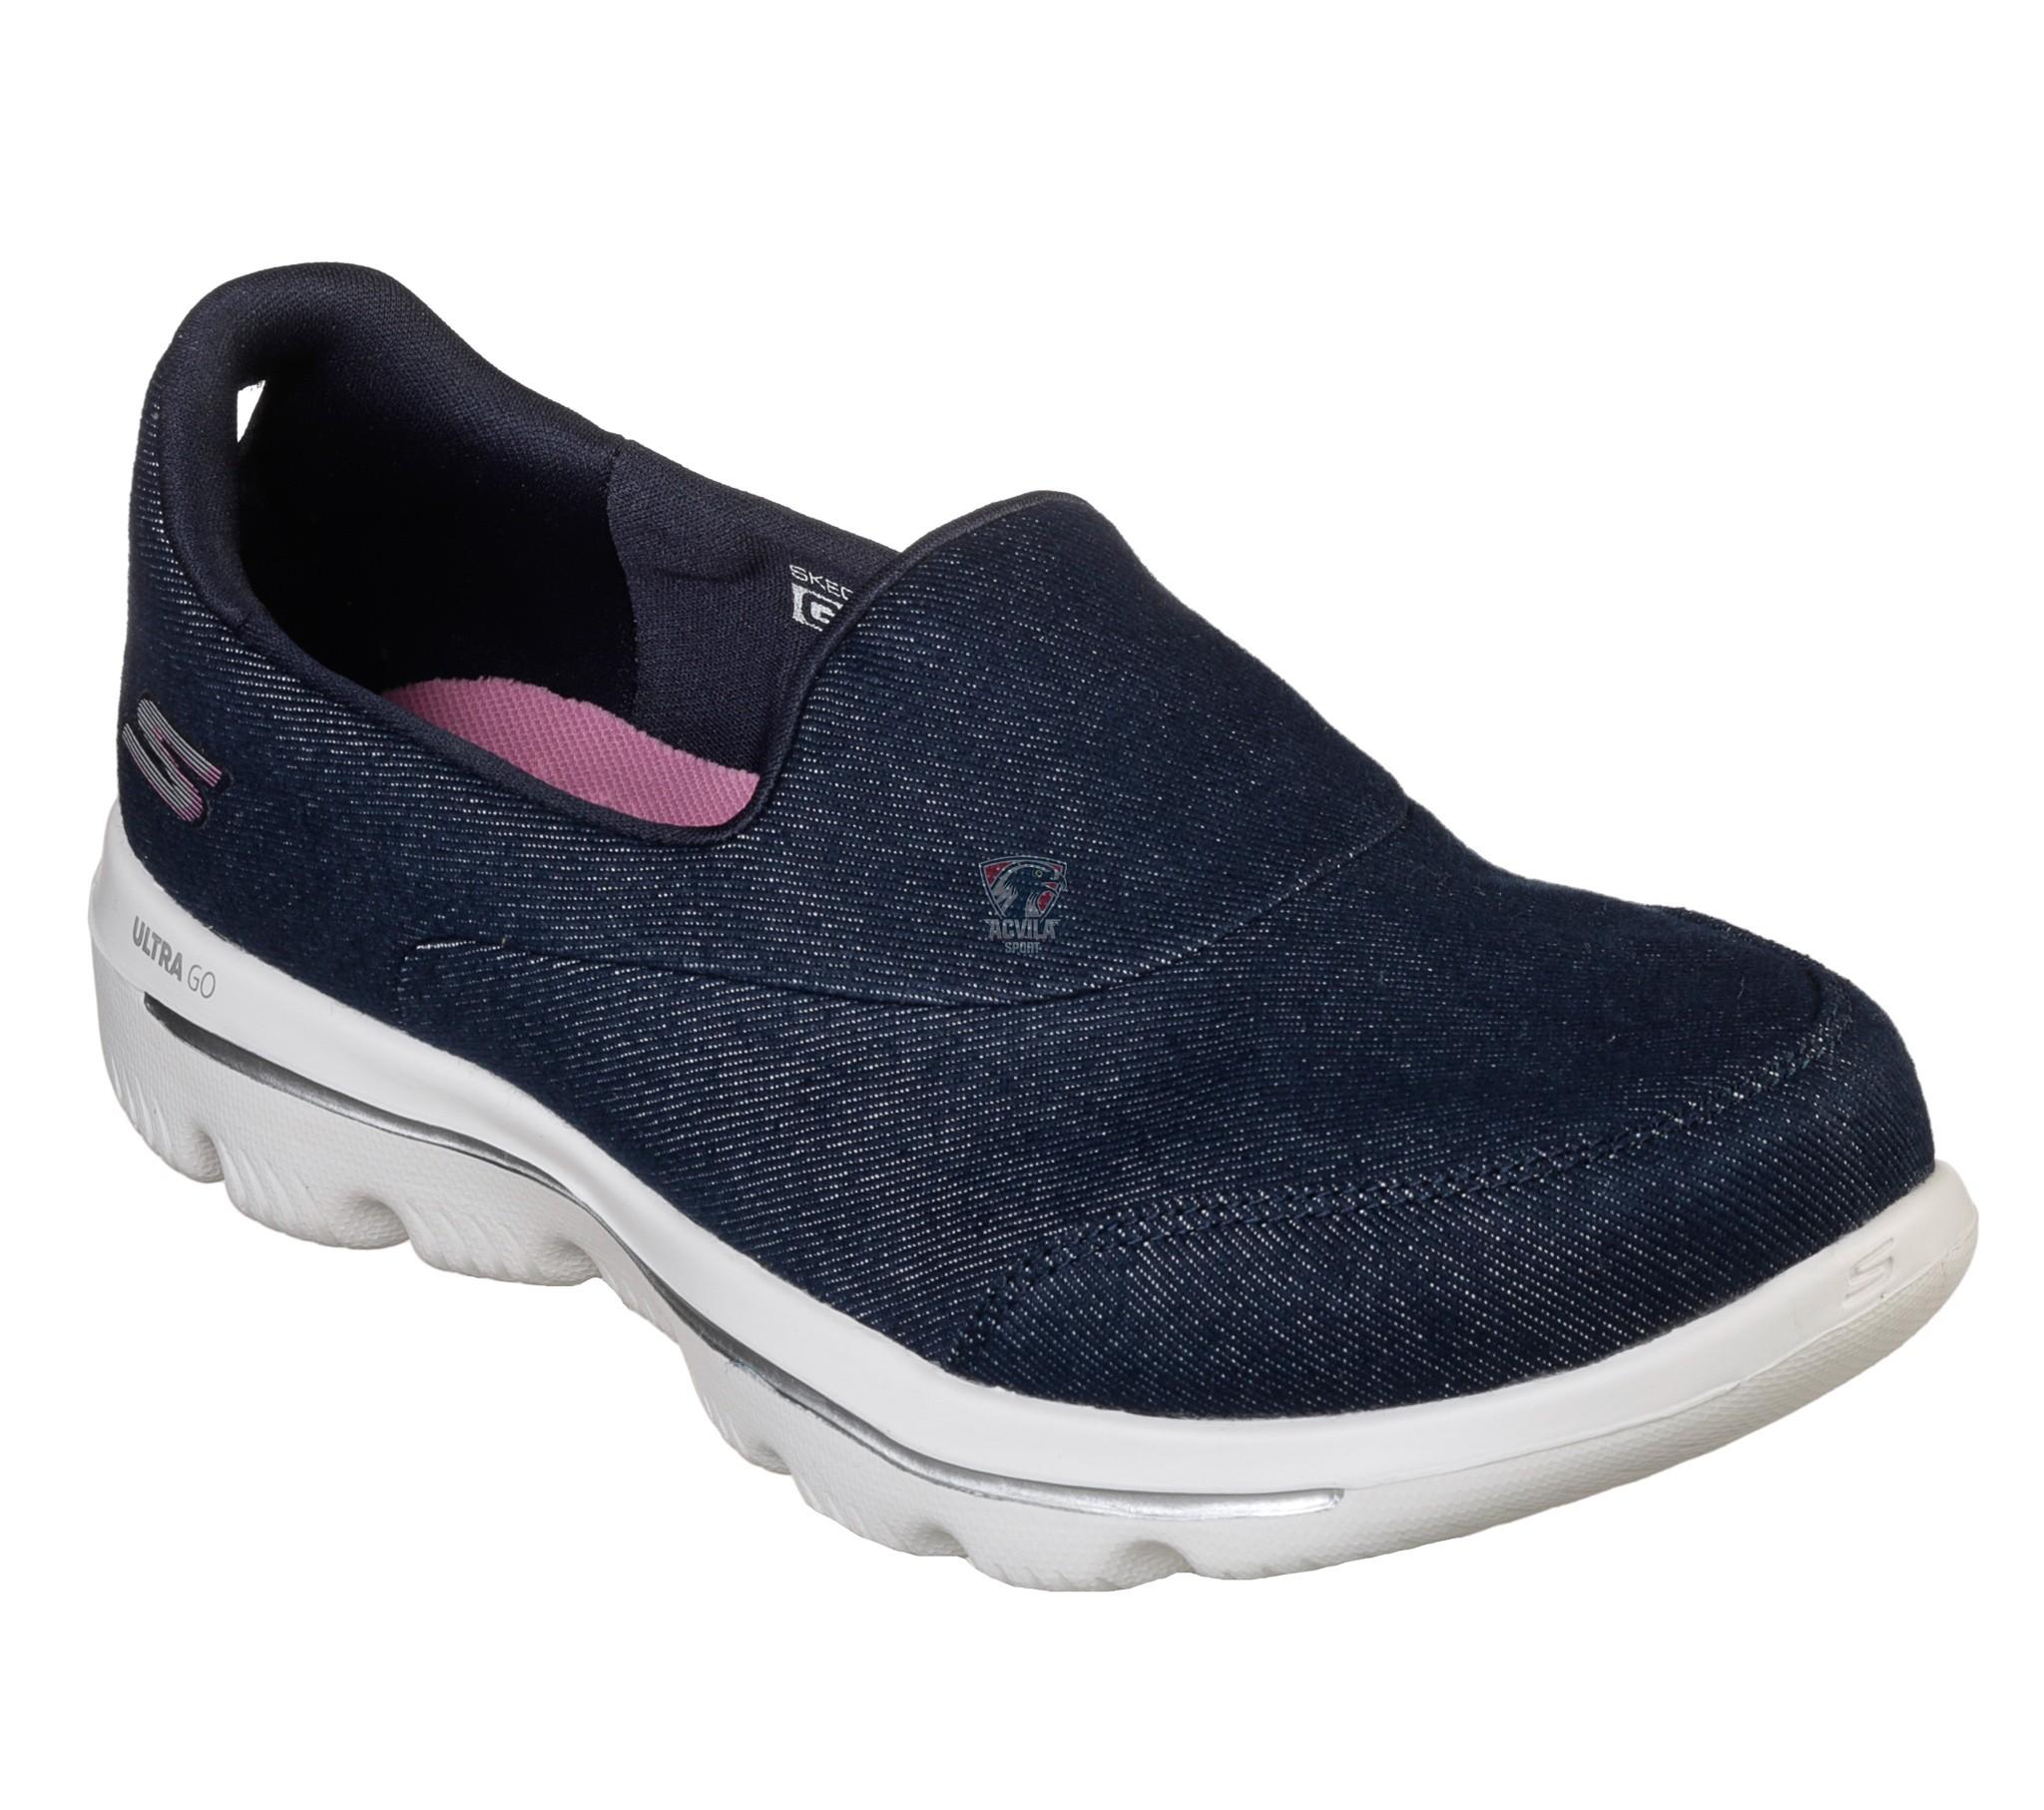 Photo acvilasport - Спортивная обувь GO WALK EVOLUTION